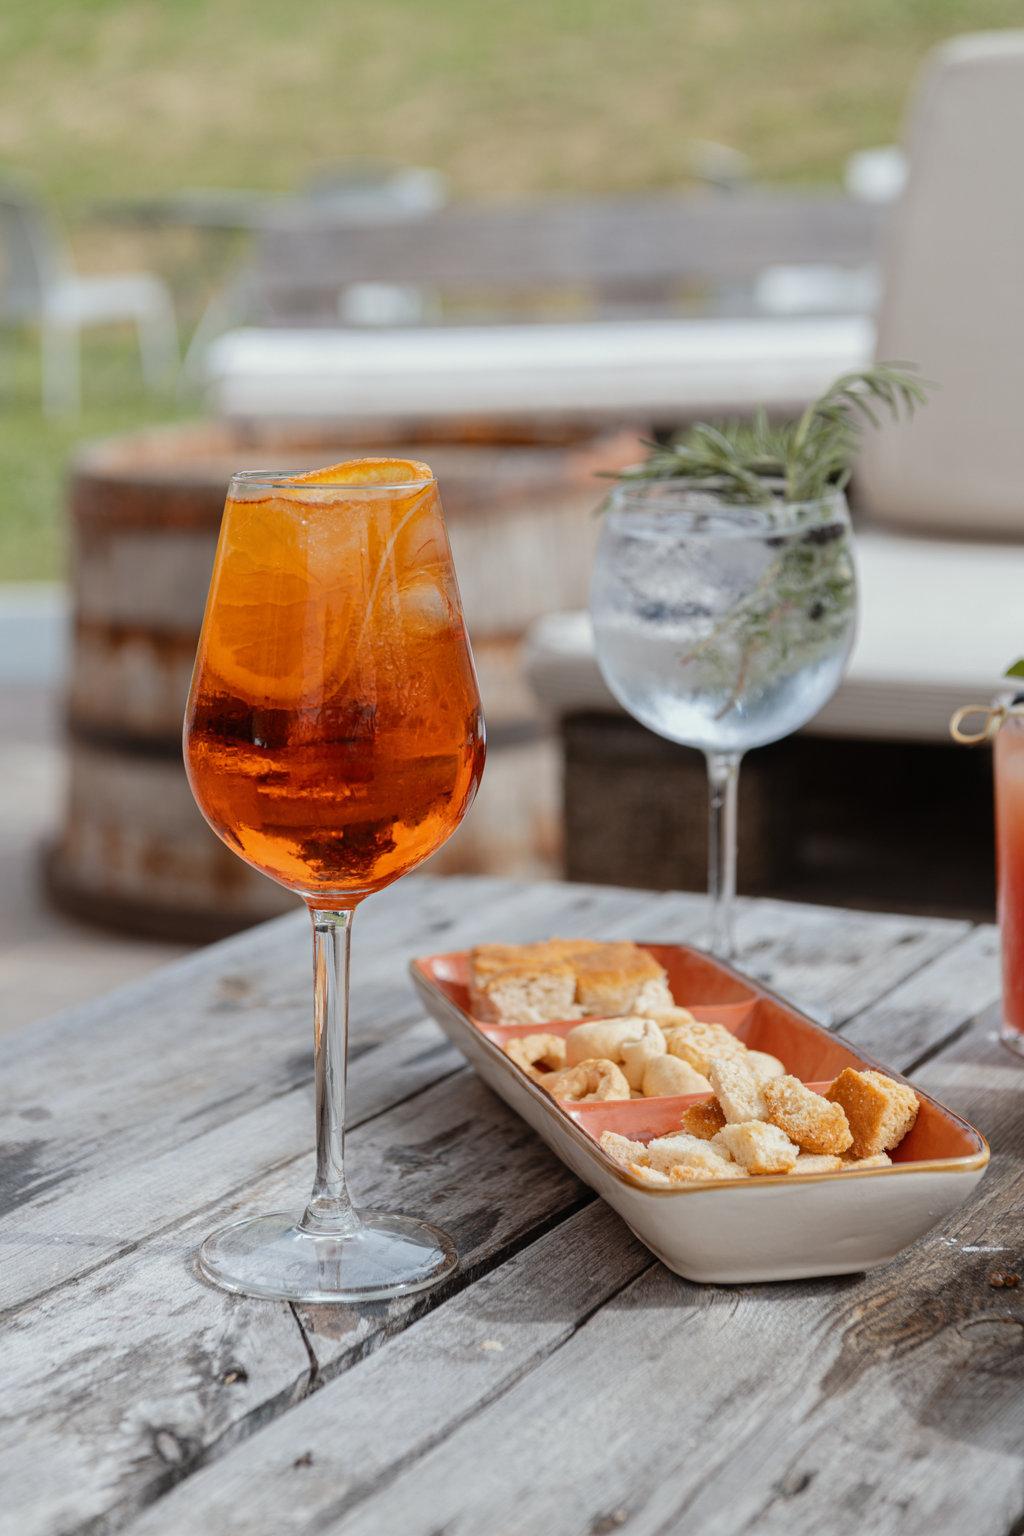 Aperitivo lounge bar - Ristorante Colli Bolognesi con Prodotti a KM 0